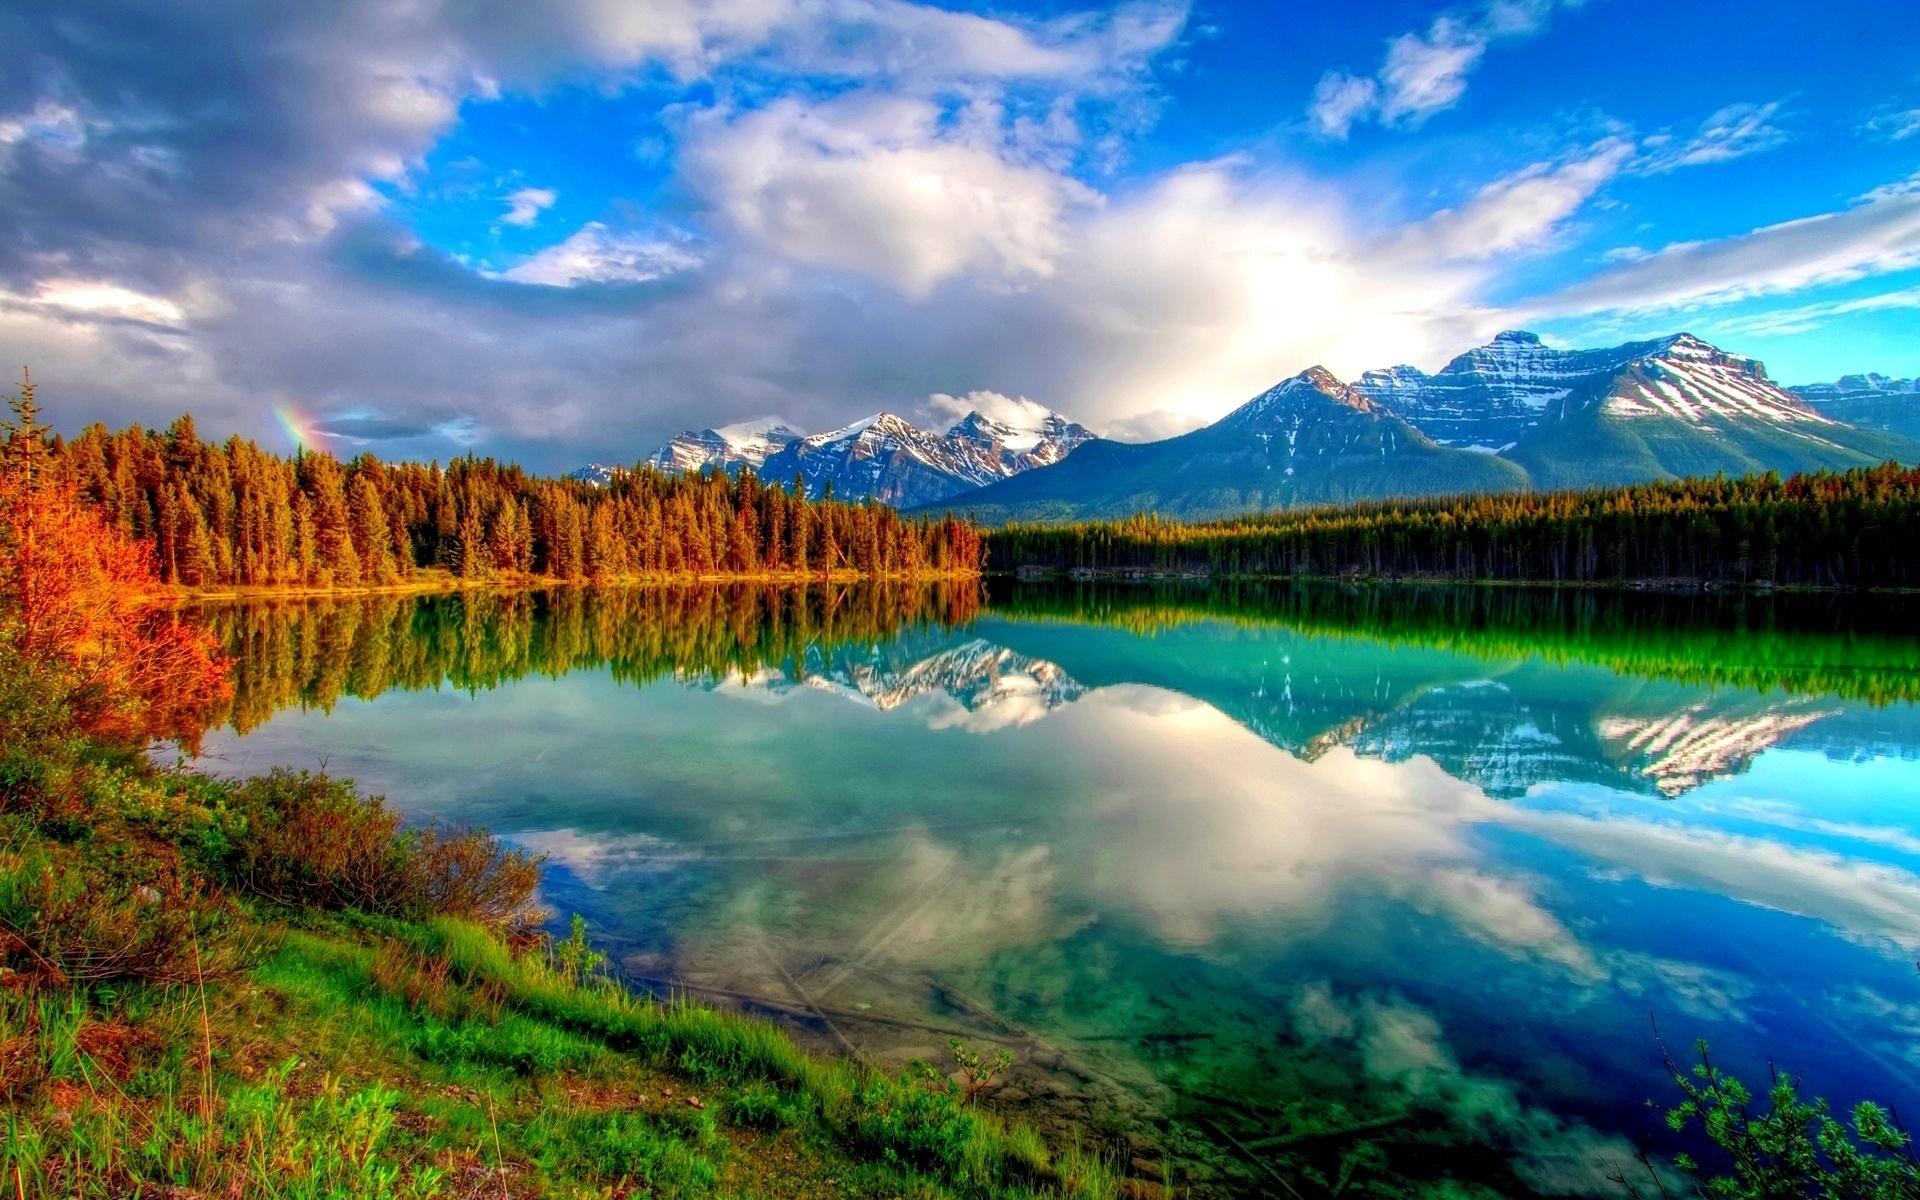 stunning wallpaper nature hd